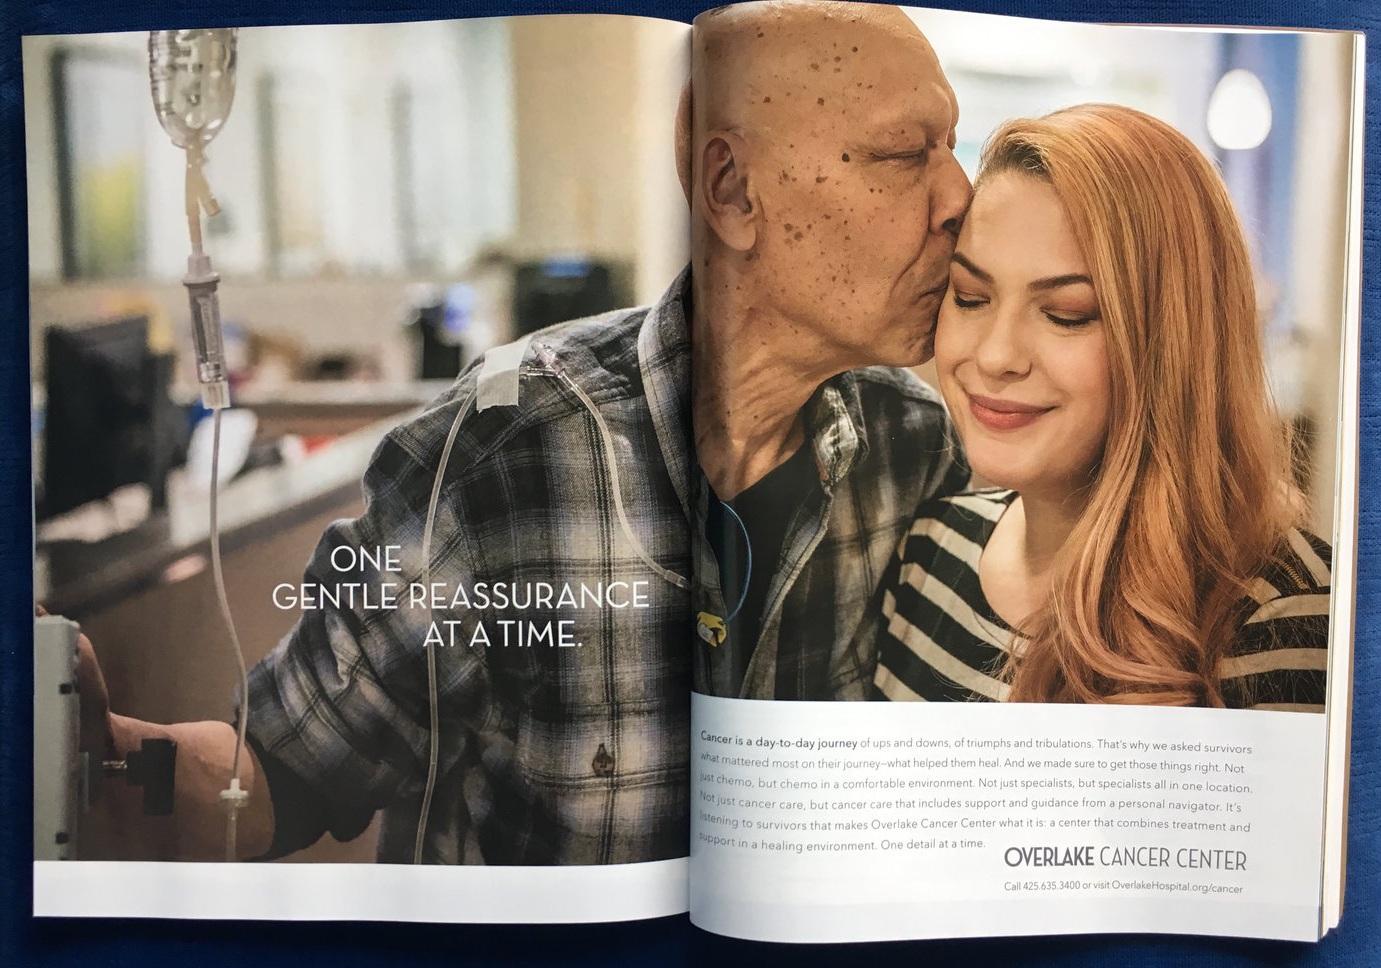 OVERLAKE CANCER CENTER: Print